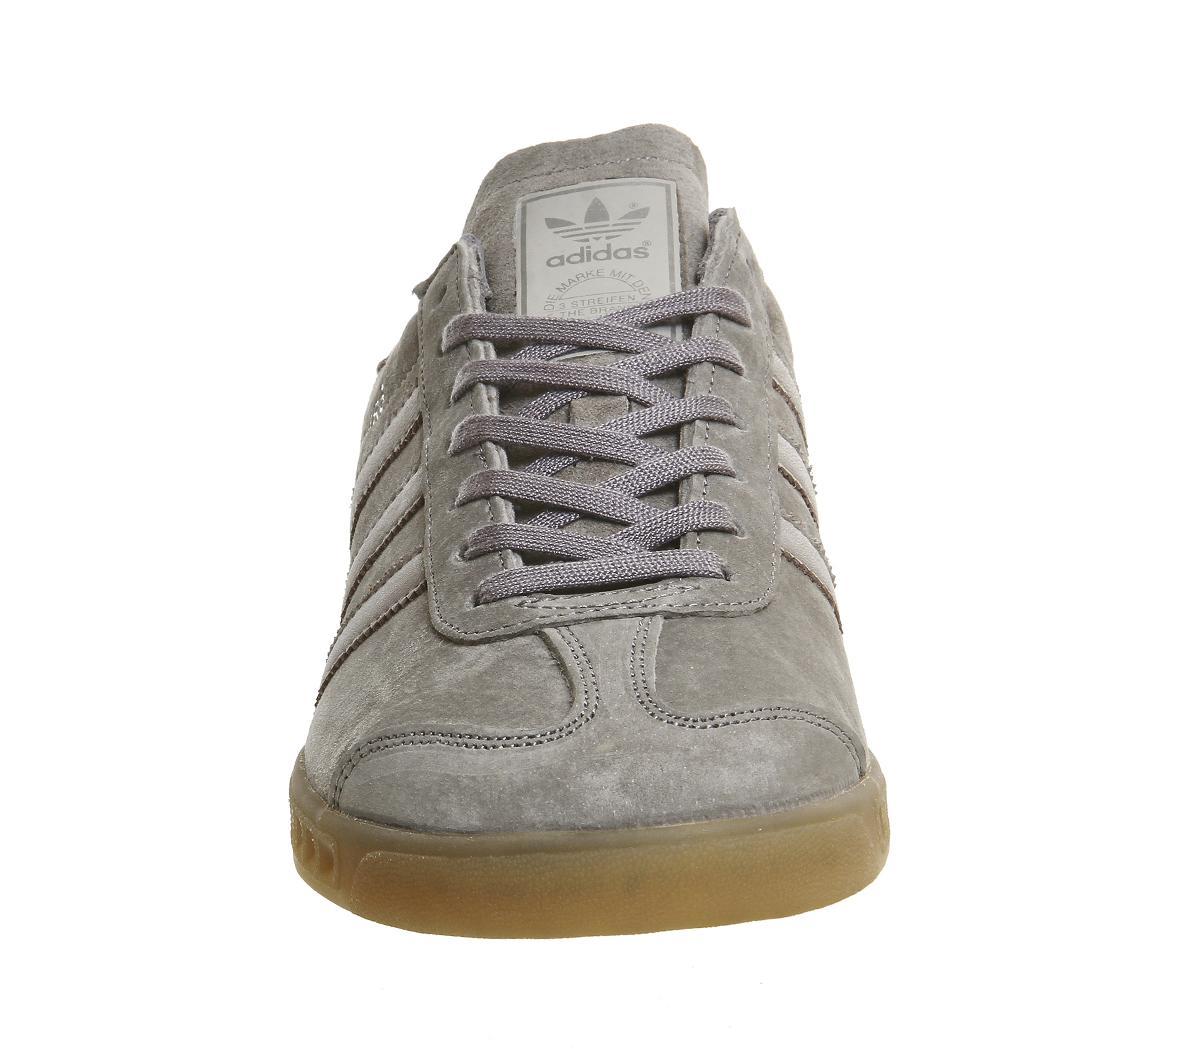 lyst adidas originali di amburgo in grigio per gli uomini.